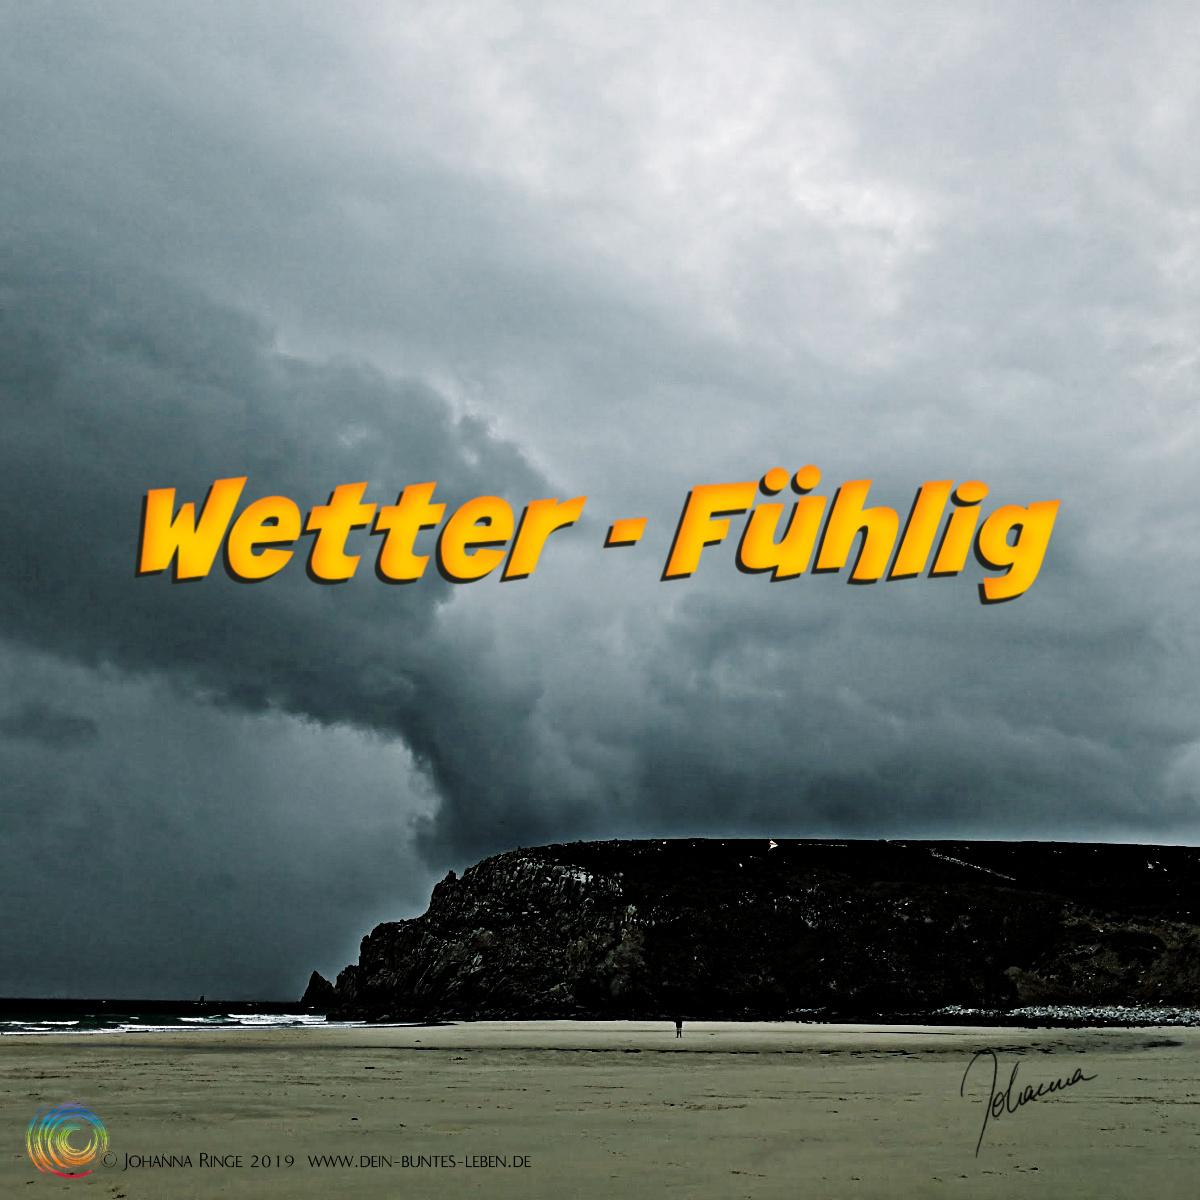 Wetter -fühlig: Text auf Photo von dunklem, wildem Wolkenhimmel. ©Johanna Ringe 2019 www.dein-buntes-leben.de